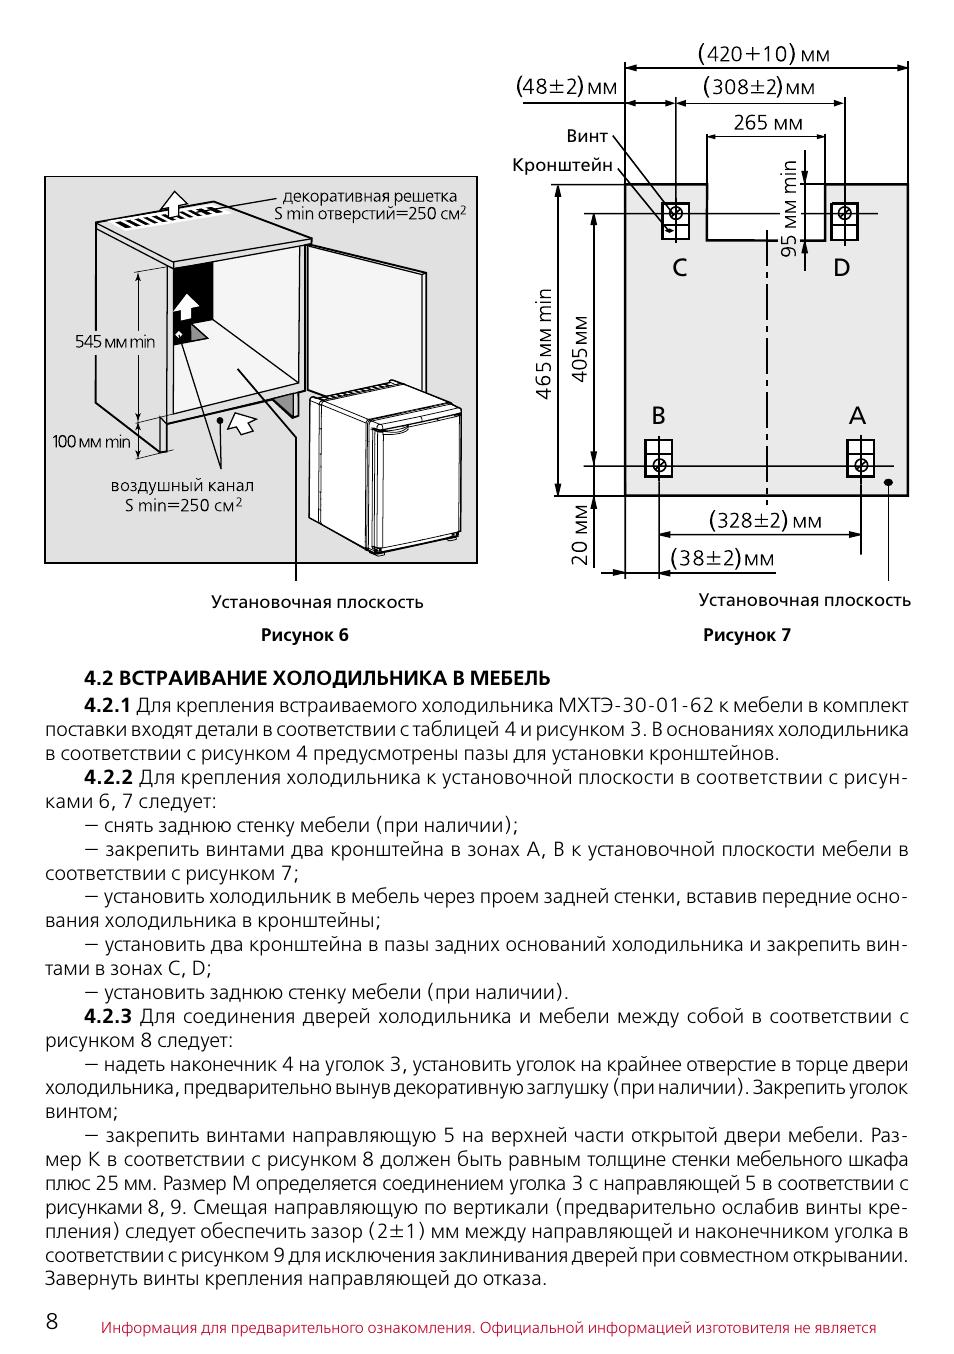 Мхтэ-30-01-60 холодильник термоэлектрический схема